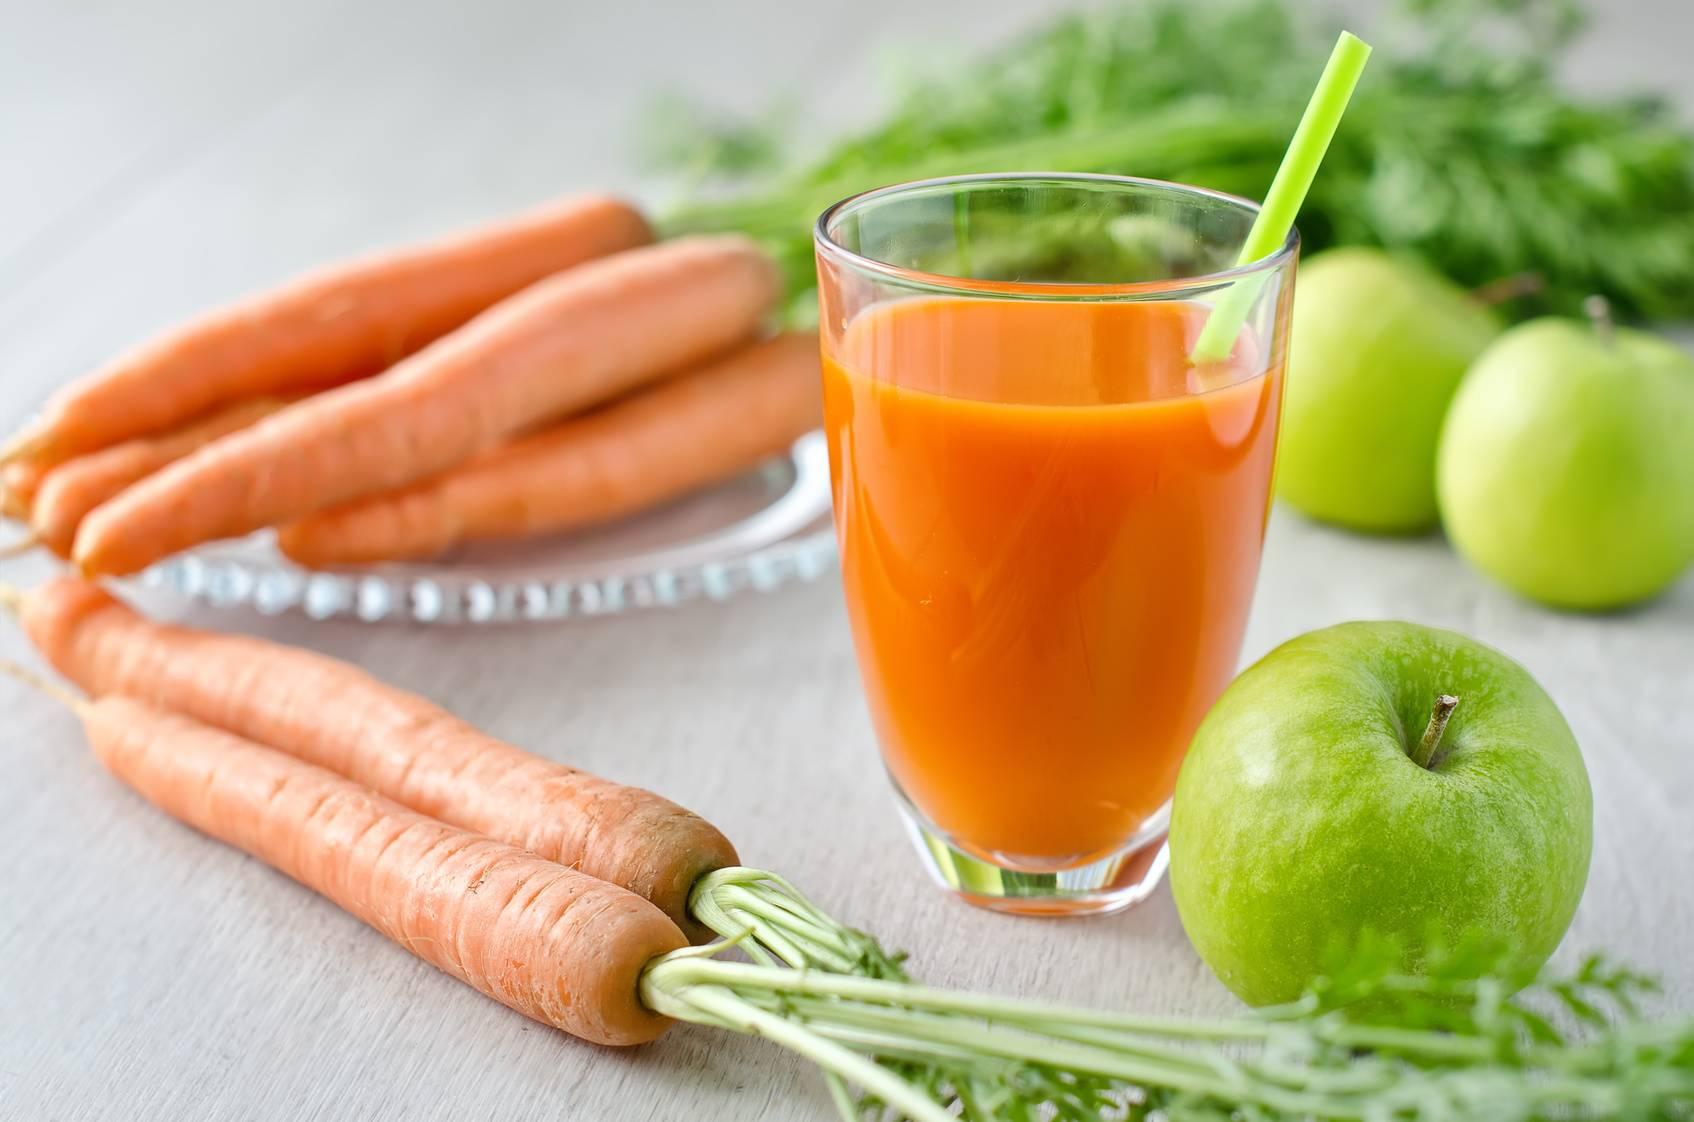 ۷ نوشیدنی برای درمان آکنه و جوشهای پوستی